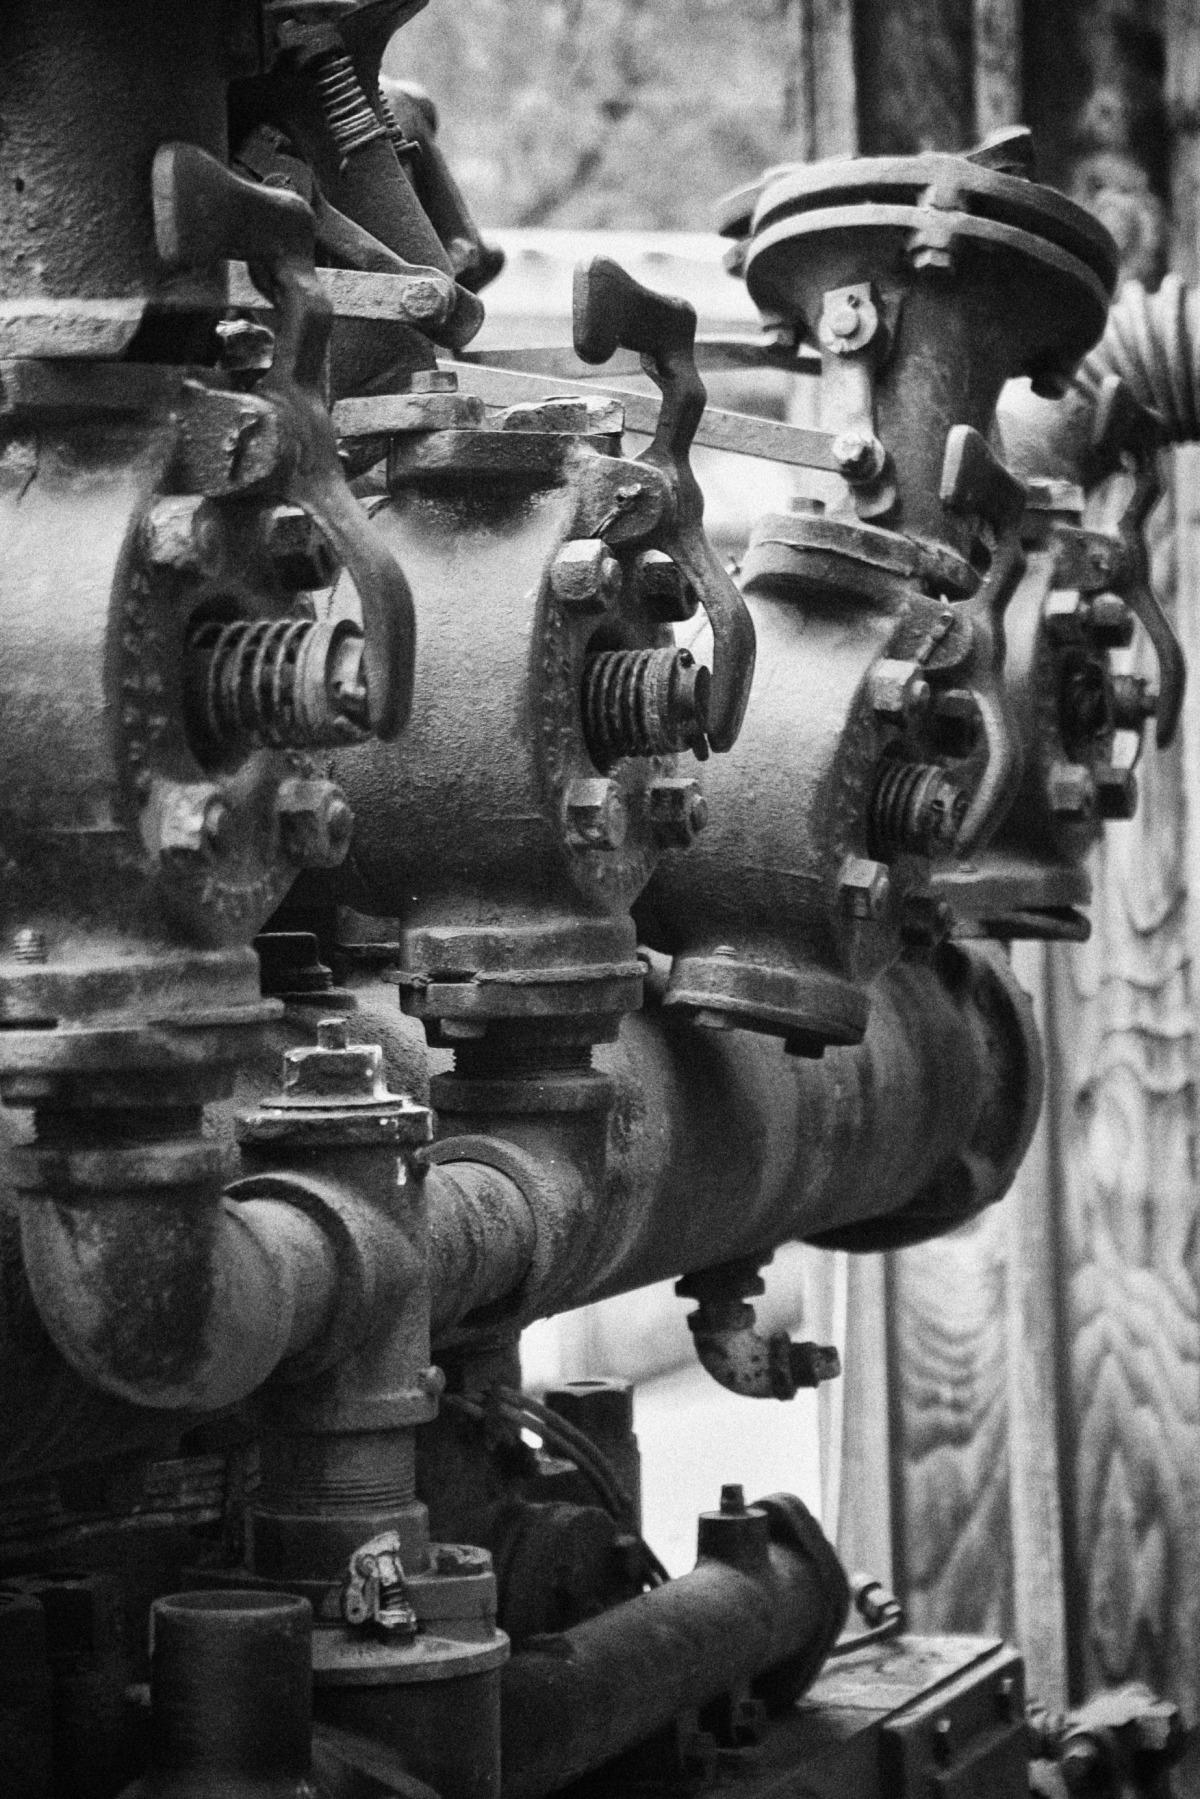 2009-03-22 at 12-27-45 boat diesel engine machine old steam still life.jpg